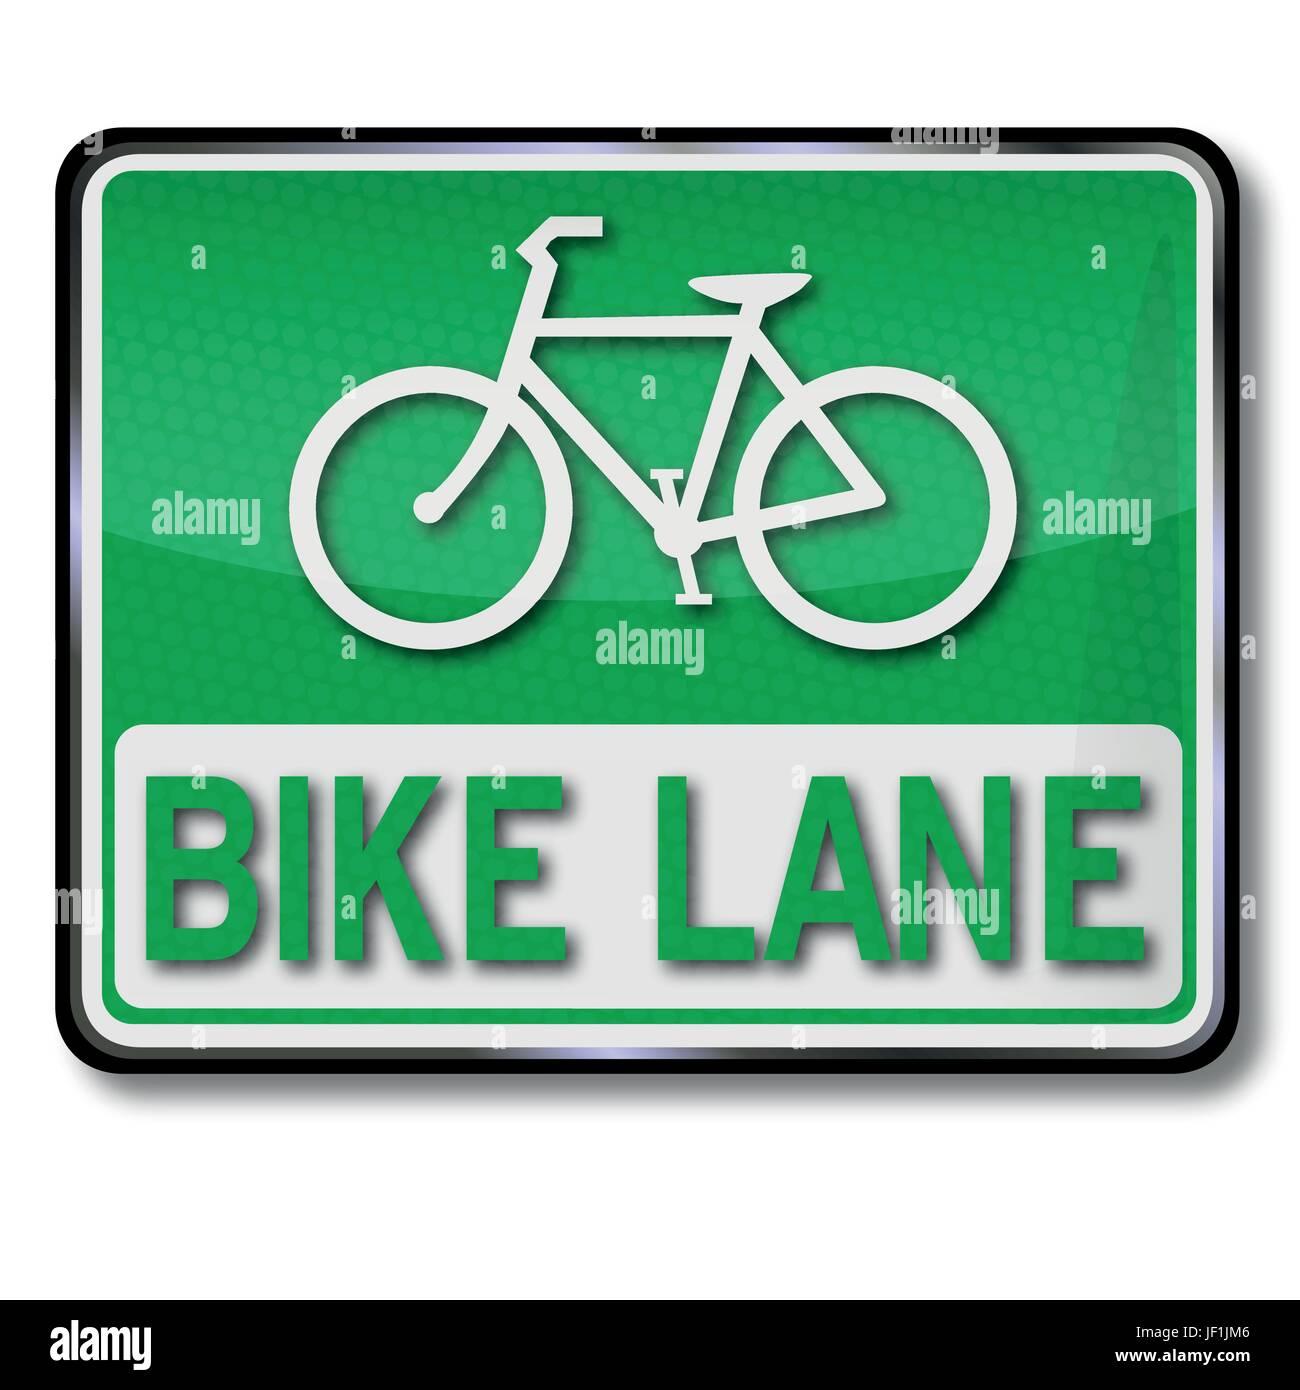 sign bike lane - Stock Image